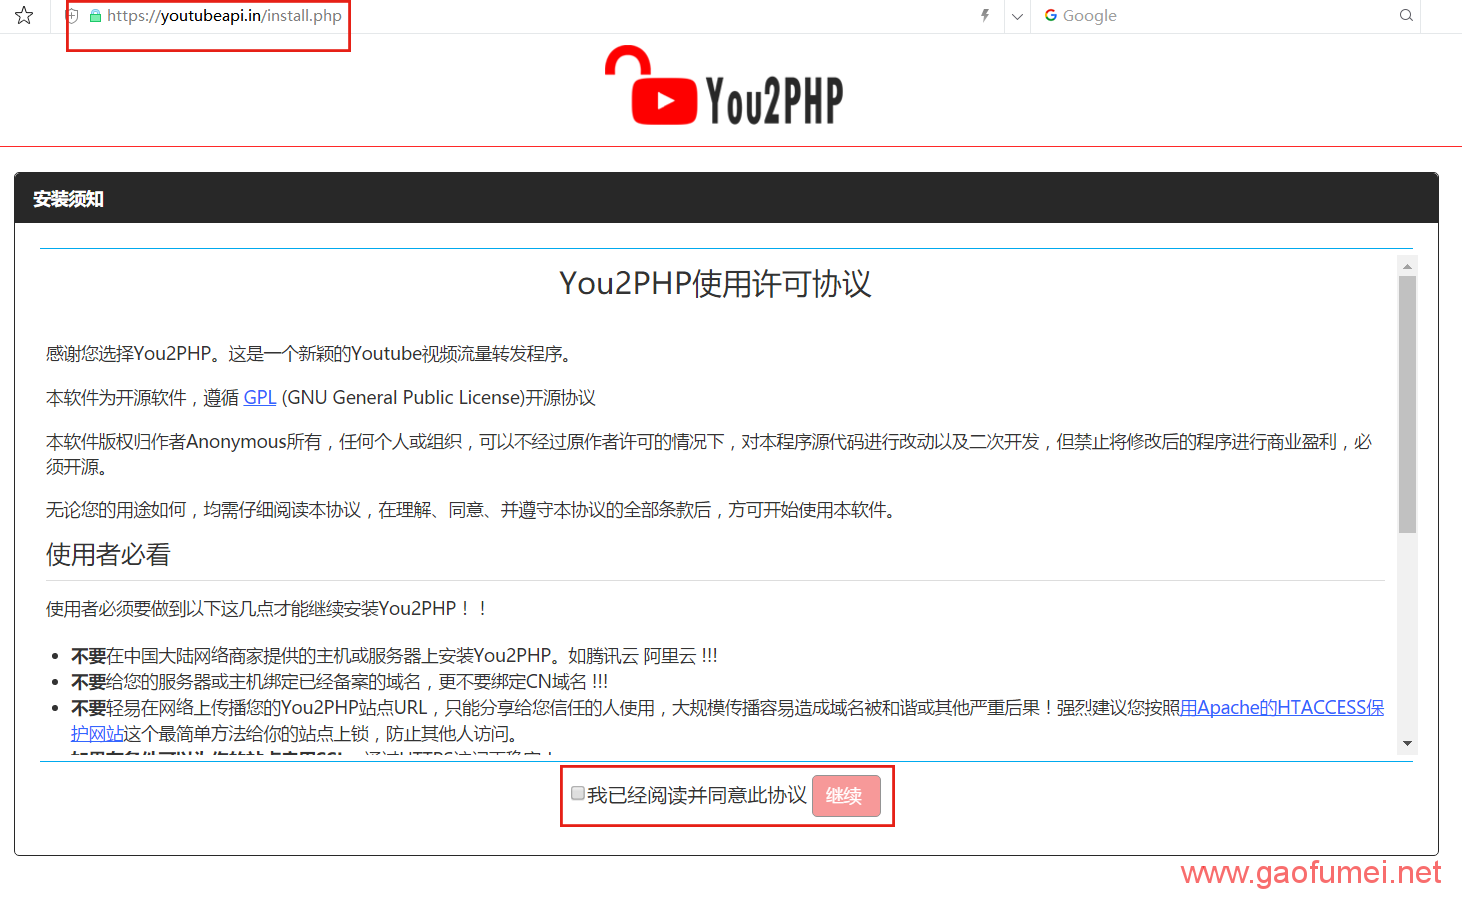 低成本搭建私人Youtube镜像,国外PHP虚拟搭建油管镜像攻略! 网络问题 第14张-泥人传说